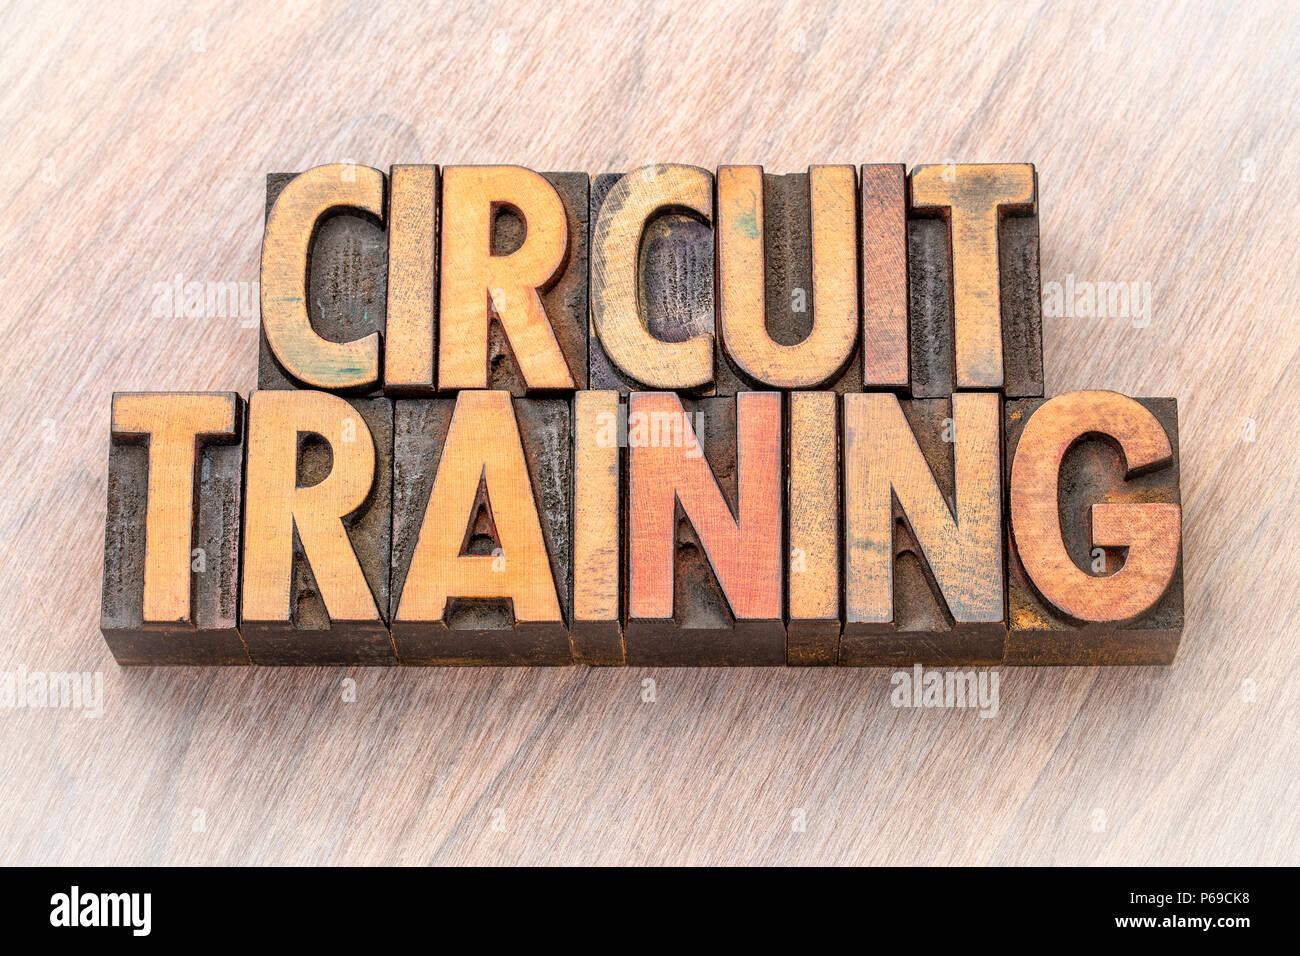 Circuitos de entrenamiento - palabra abstracta en vintage tipografía tipo de madera Imagen De Stock